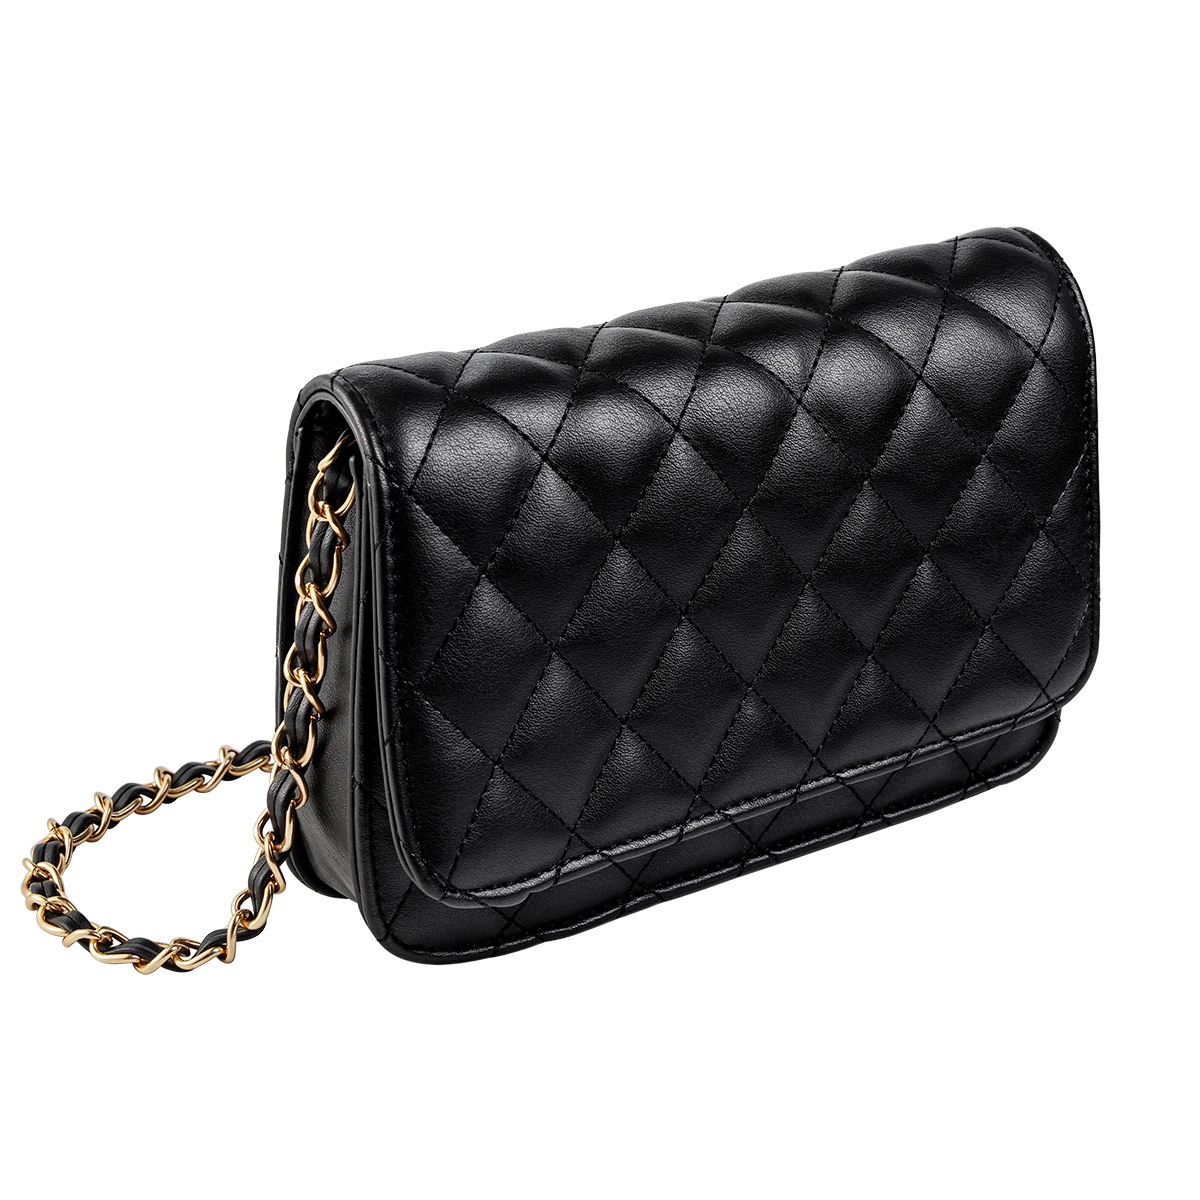 Schoudertas Trendy Coco zwart zwarte dames tassen quilted stiksels look a like tassen online kopen met gouden doorregen ketting hengsel festival